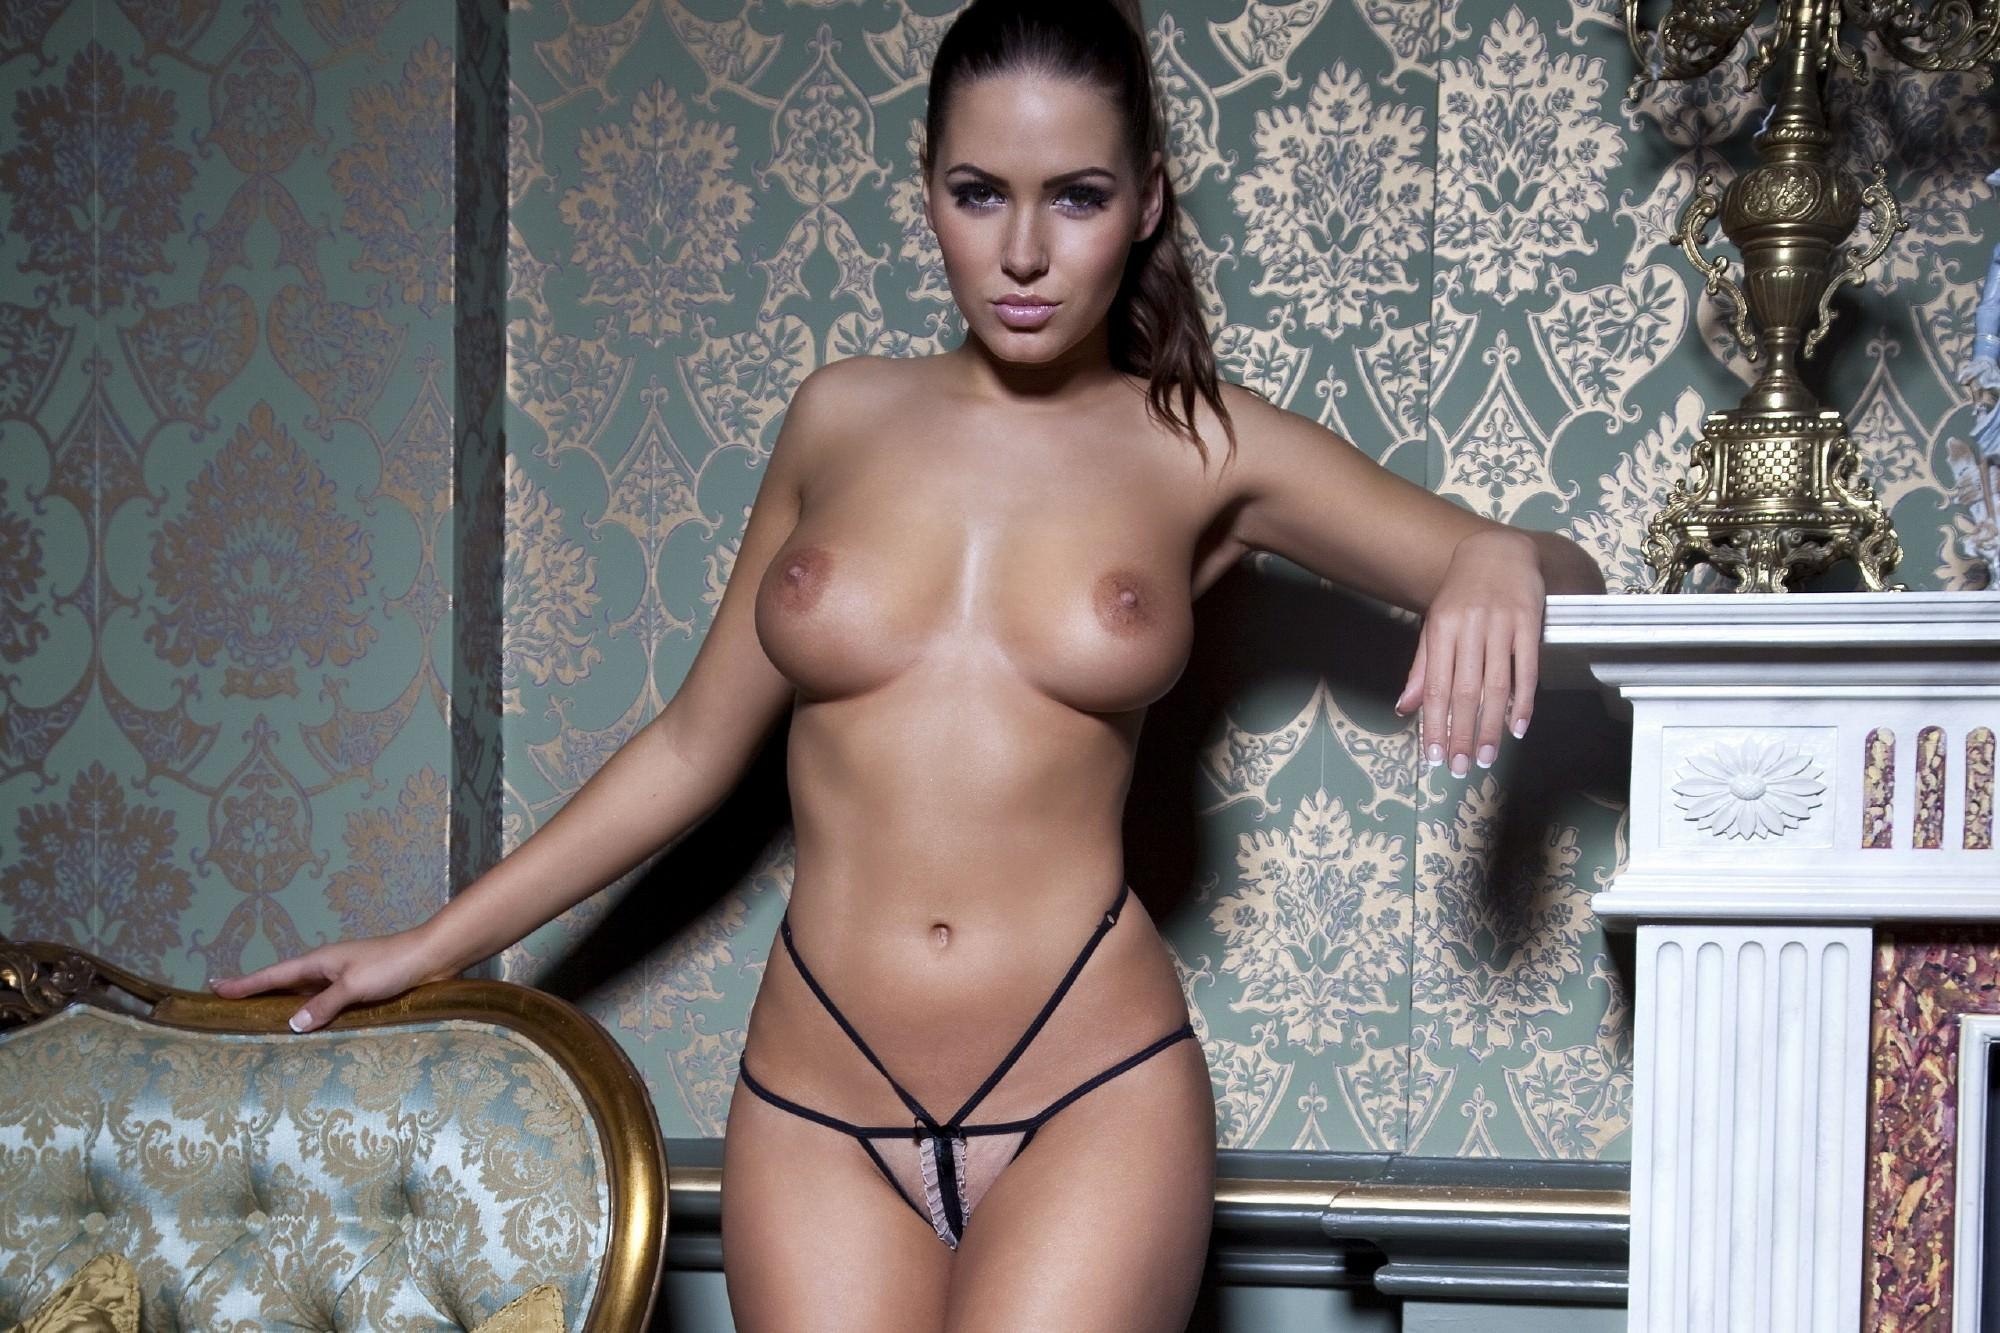 Шопа голых женщин 7 фотография